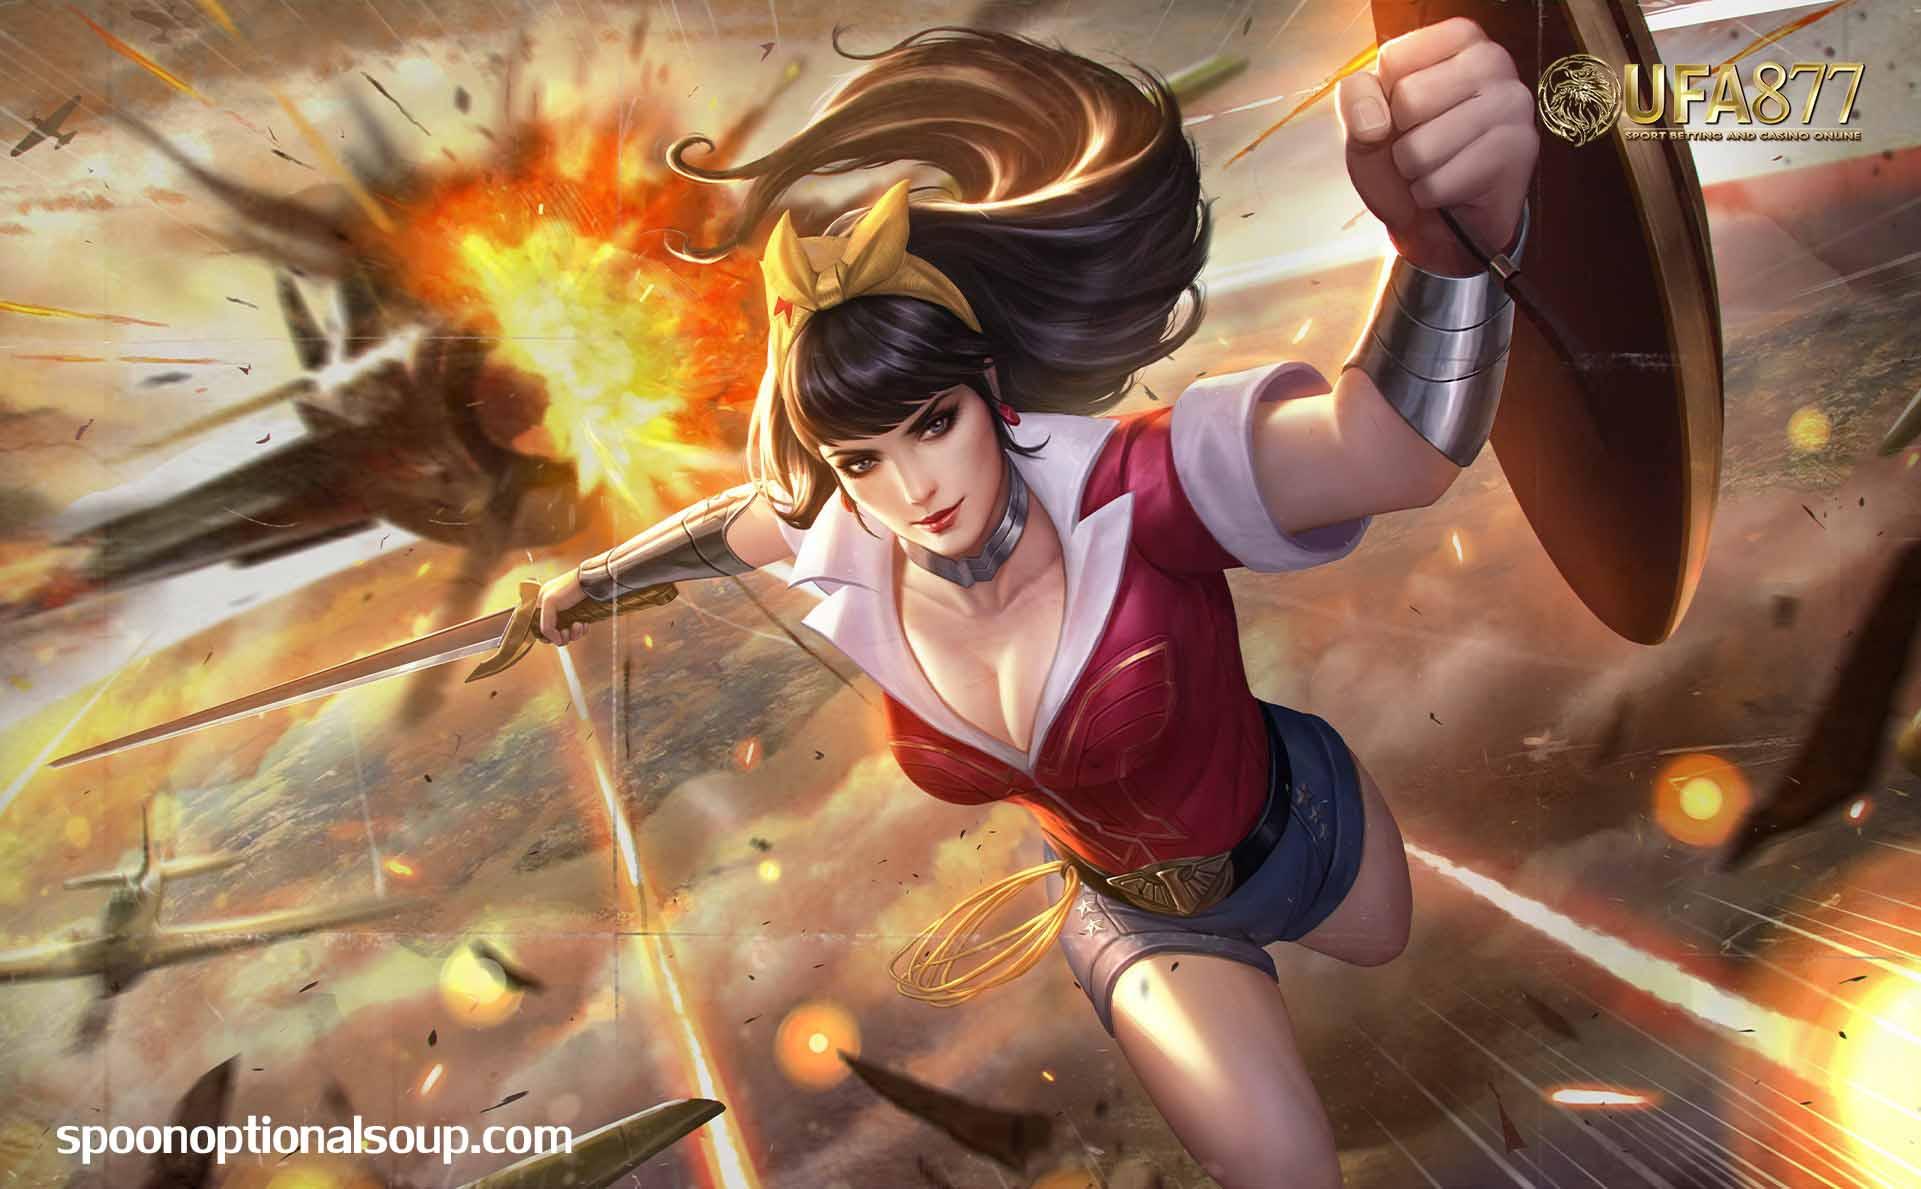 การเกิดขึ้นของ Wonder Woman